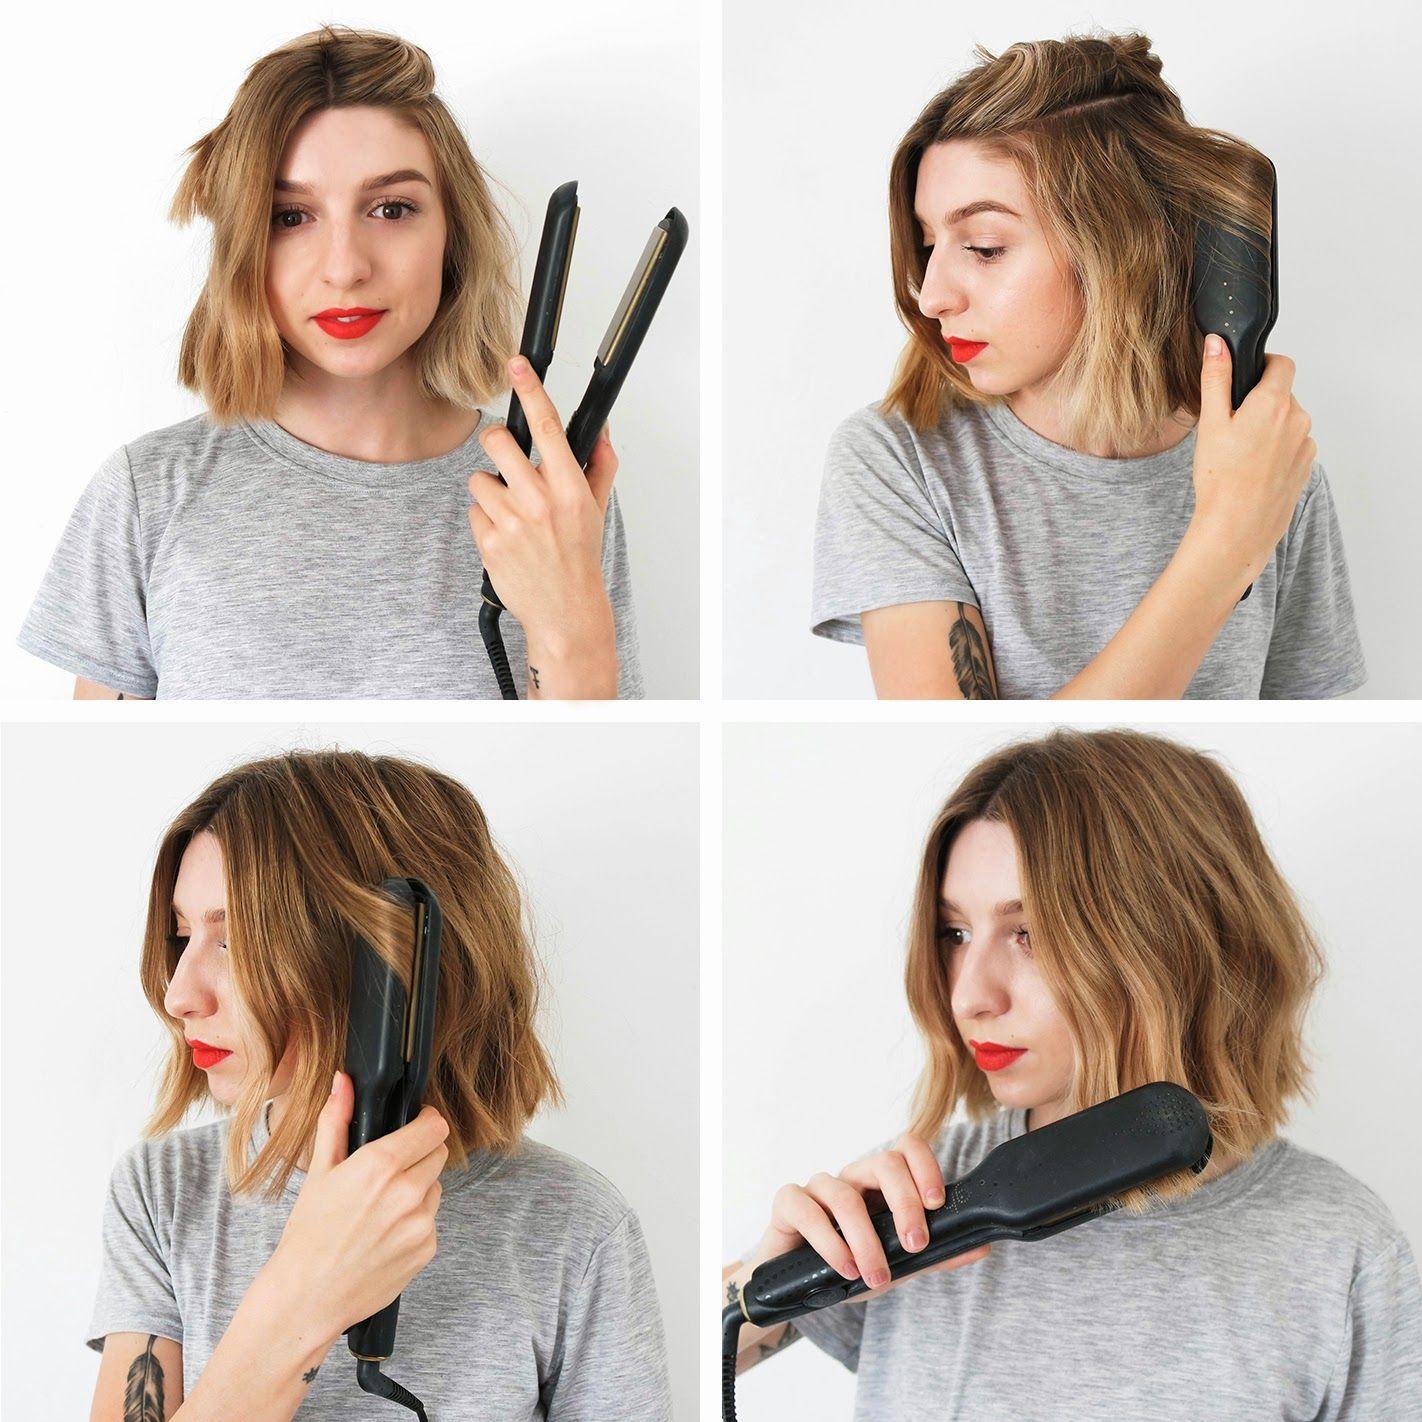 cách giữ nếp tóc uốn lâu